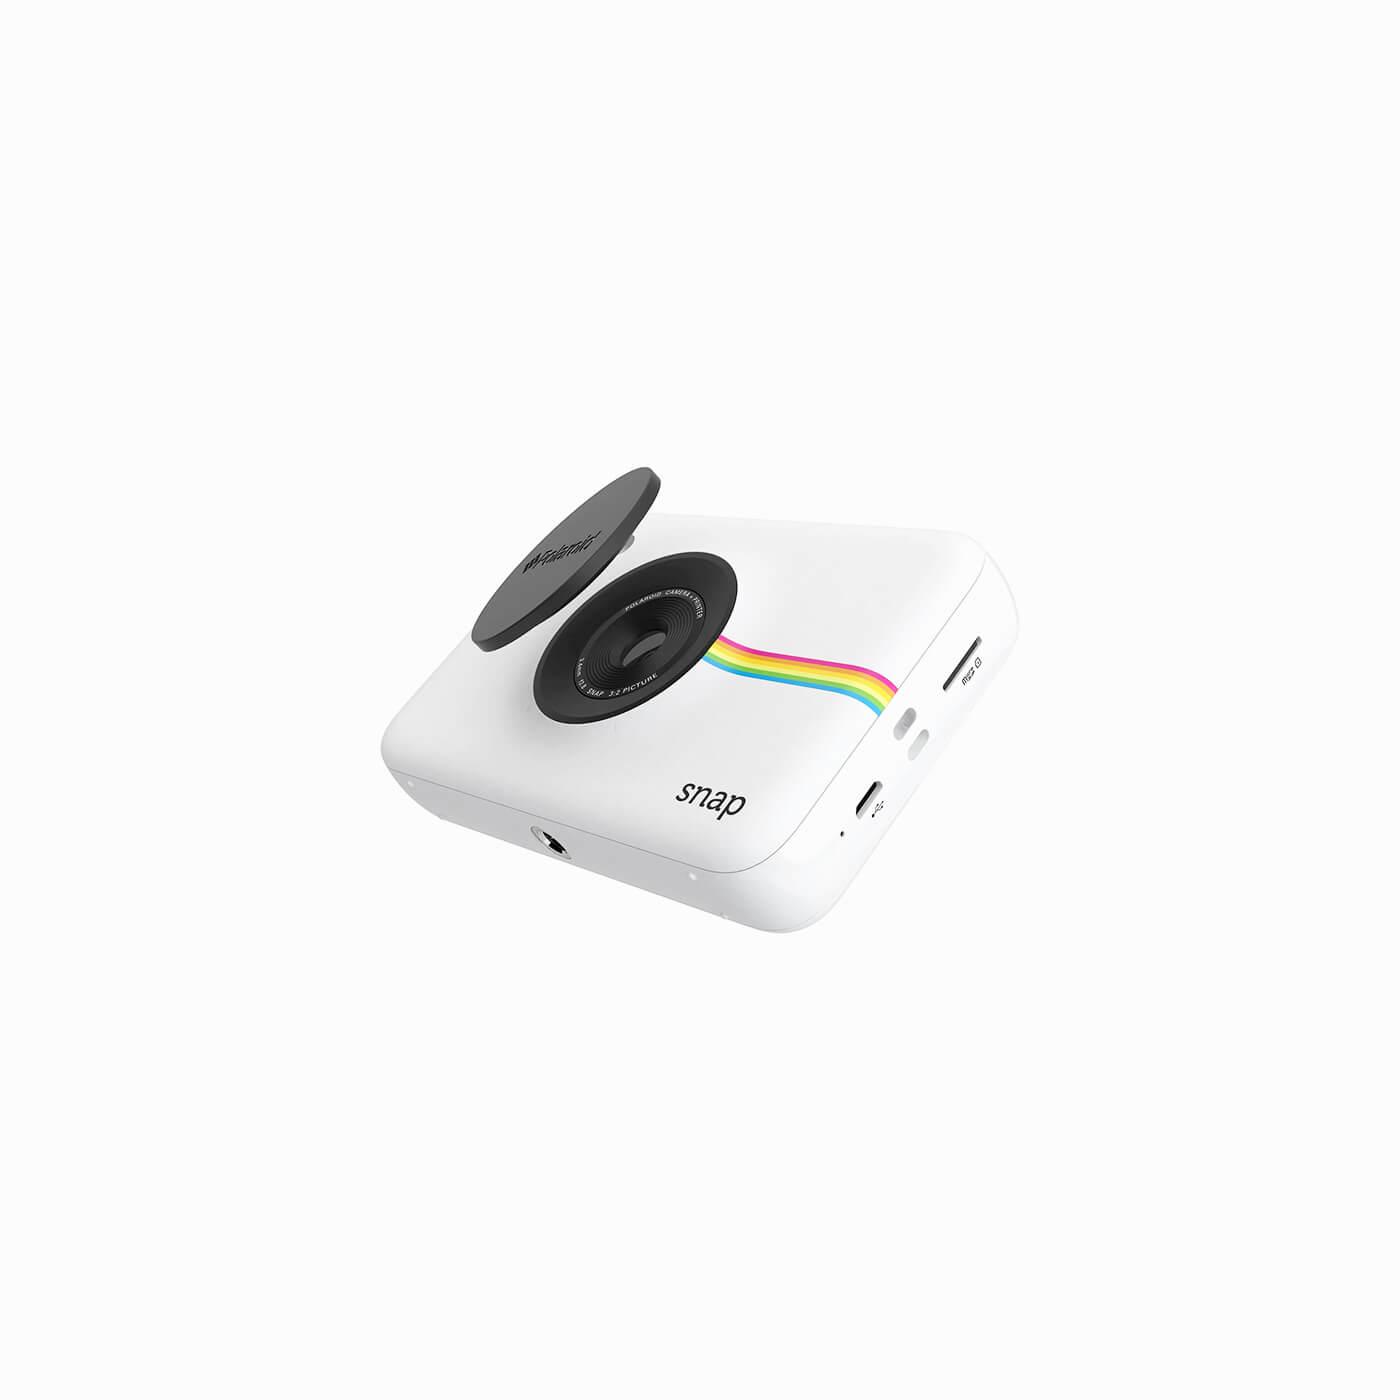 02.Polaroid Snap Digital Instant Camera